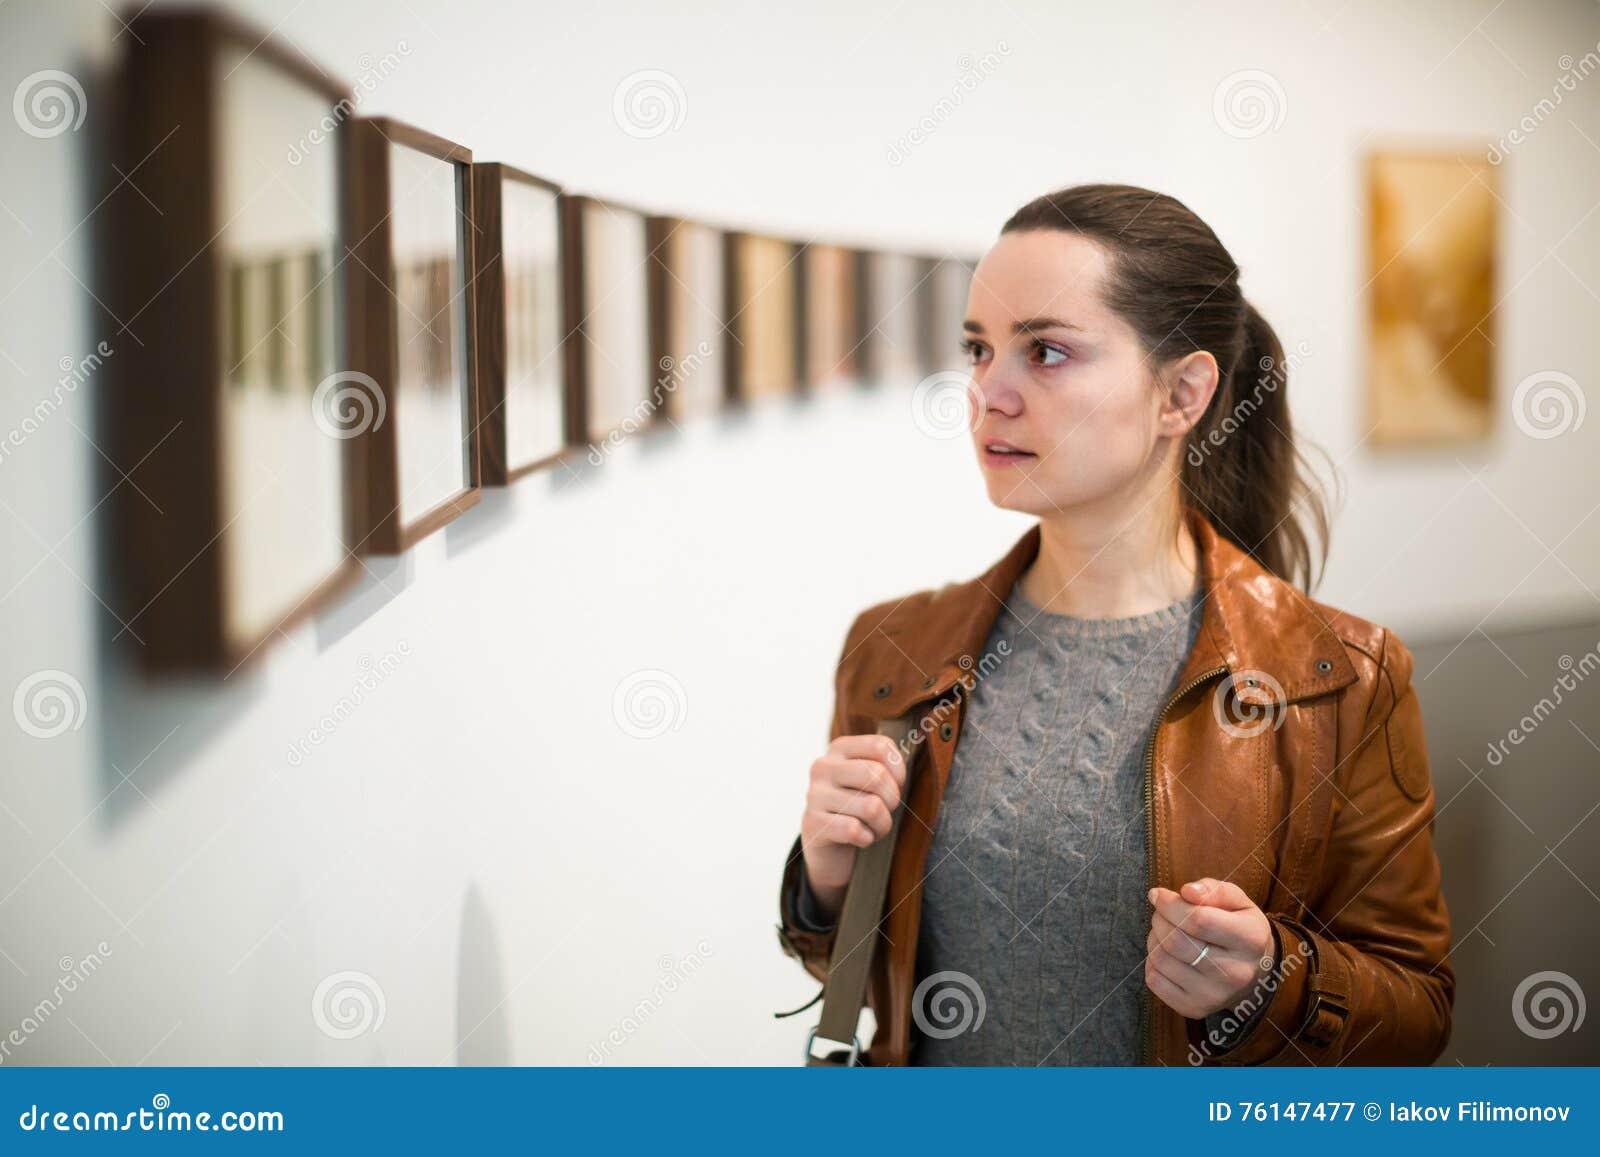 Галерея скачать фотографии женщина 1 фотография